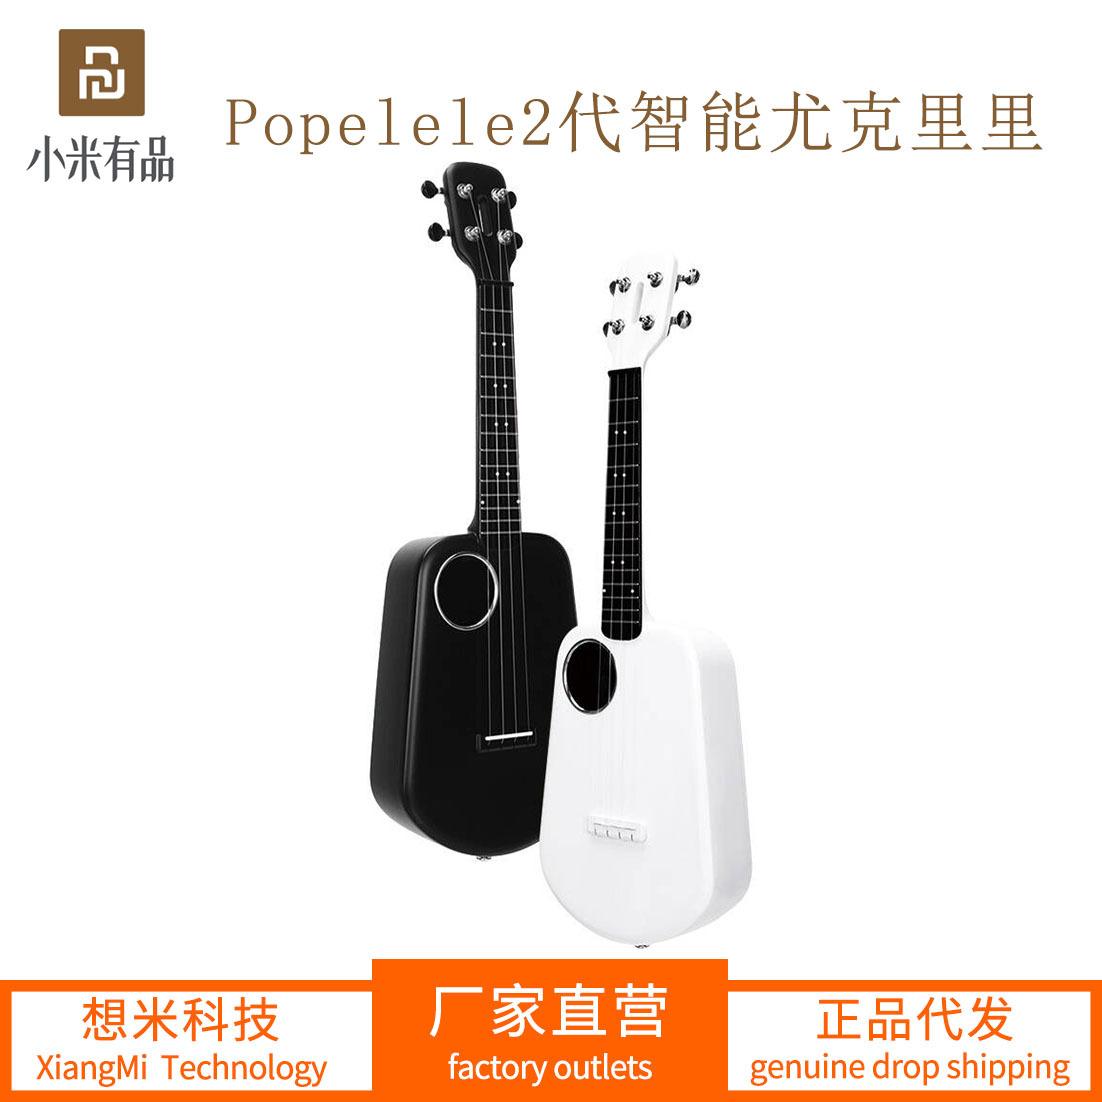 寸小吉他乌克丽丽23碳纤维U1代智能尤克里里2Populele小米